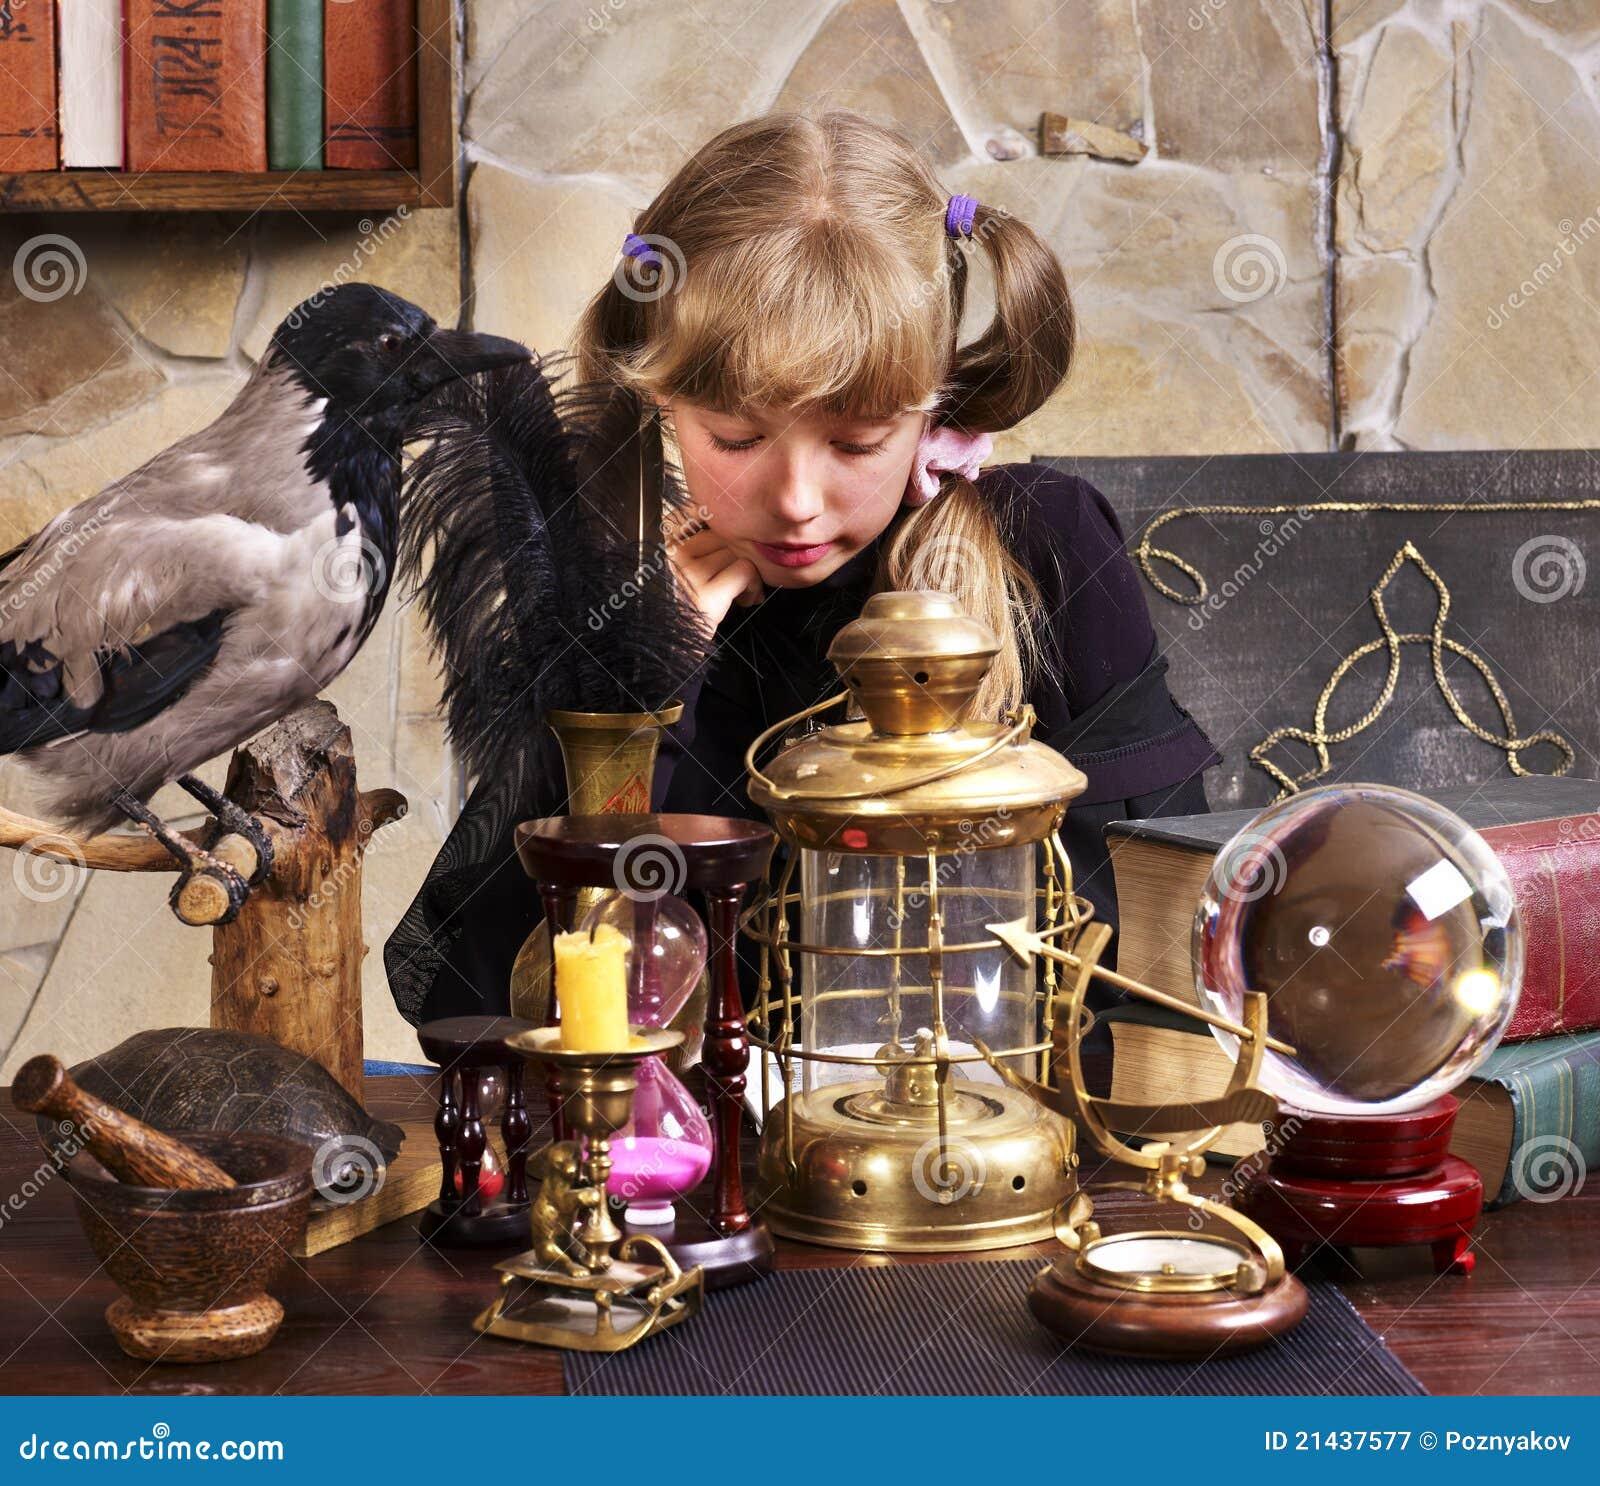 Divination by children